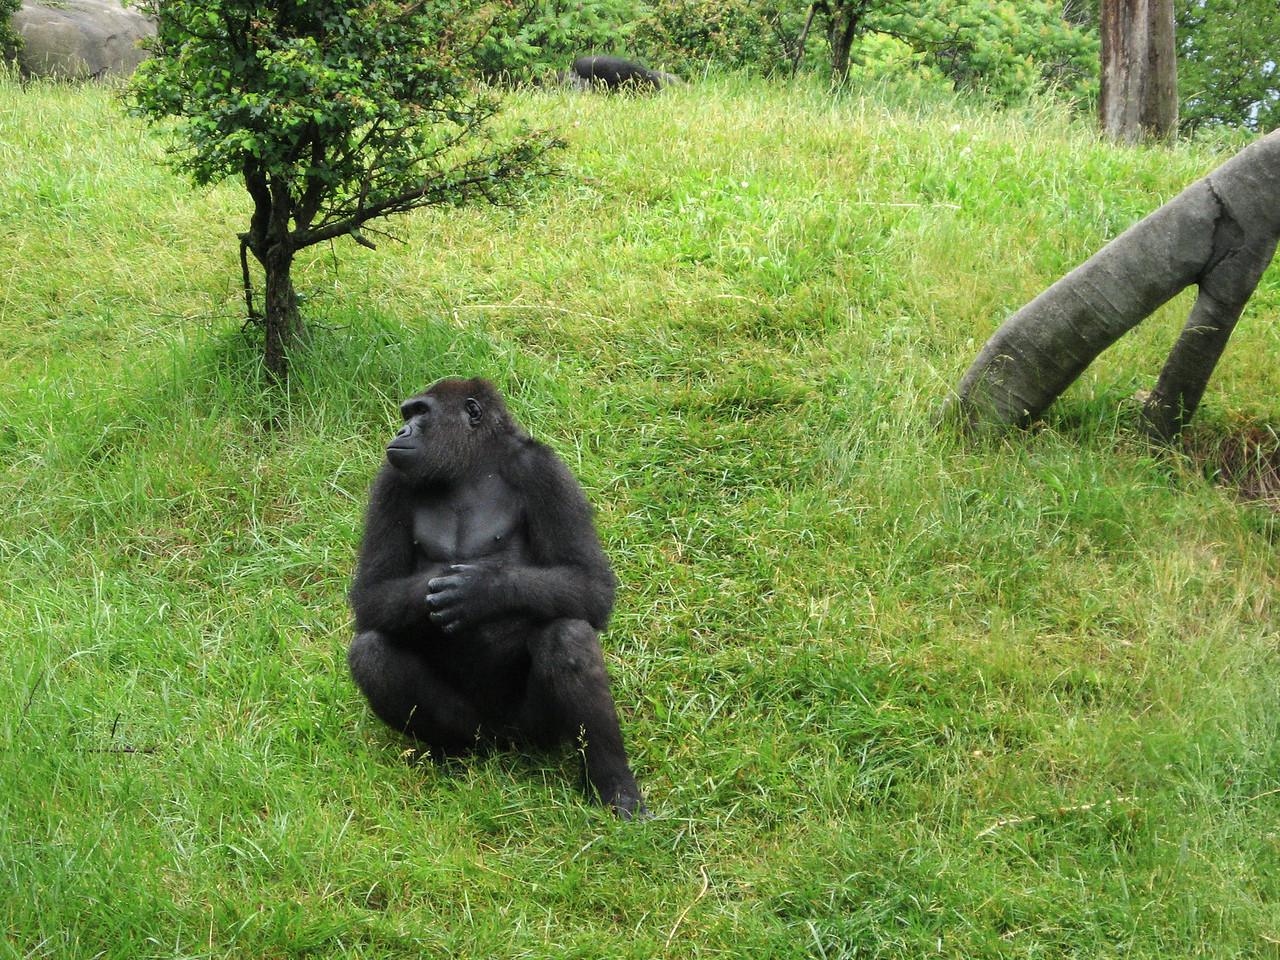 Chimp at the Zoo